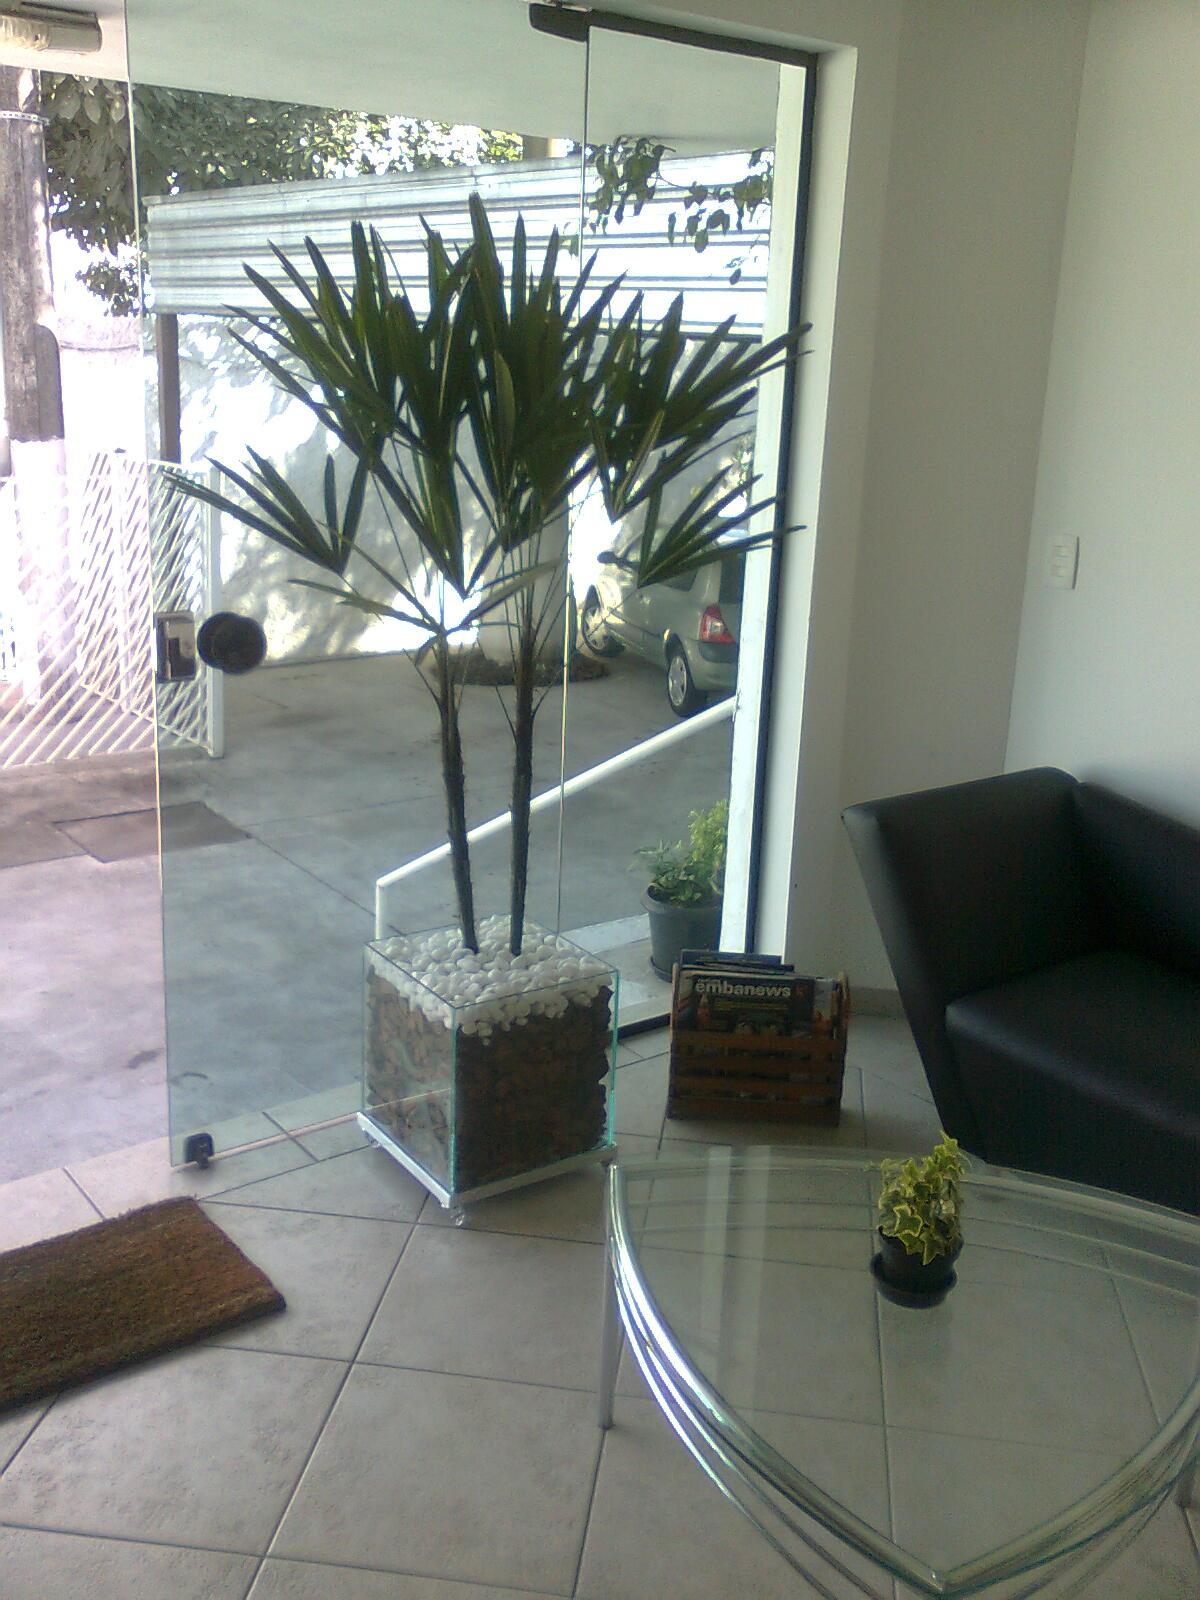 Flores plantas plantas para interiores - Plantas interiores ...